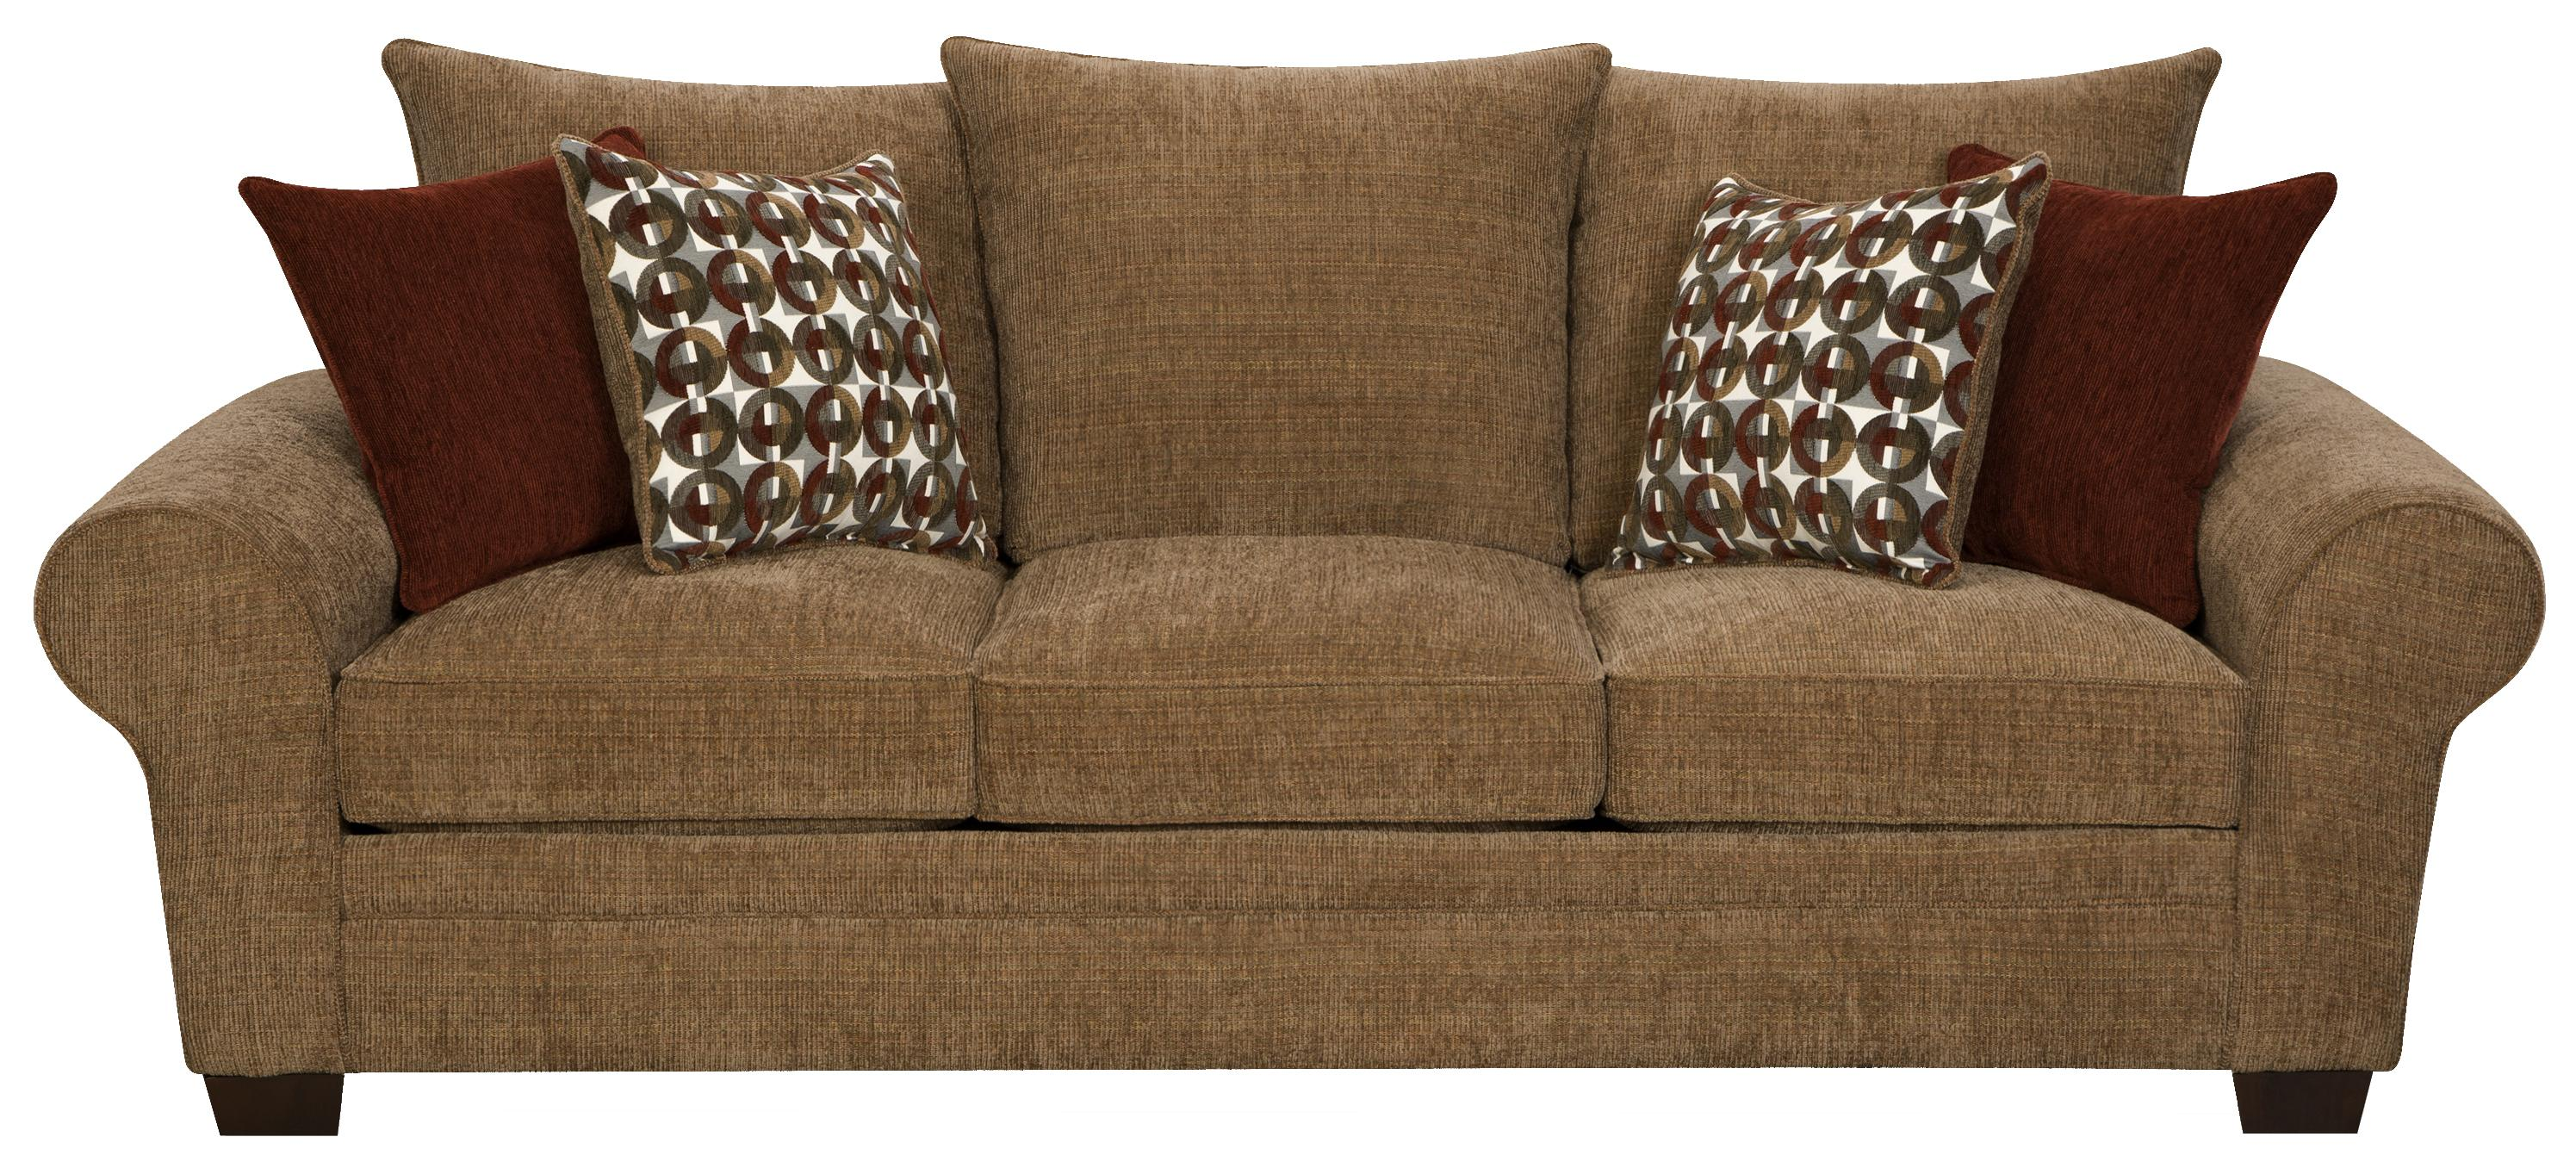 corinthian resort harvest sofa great american